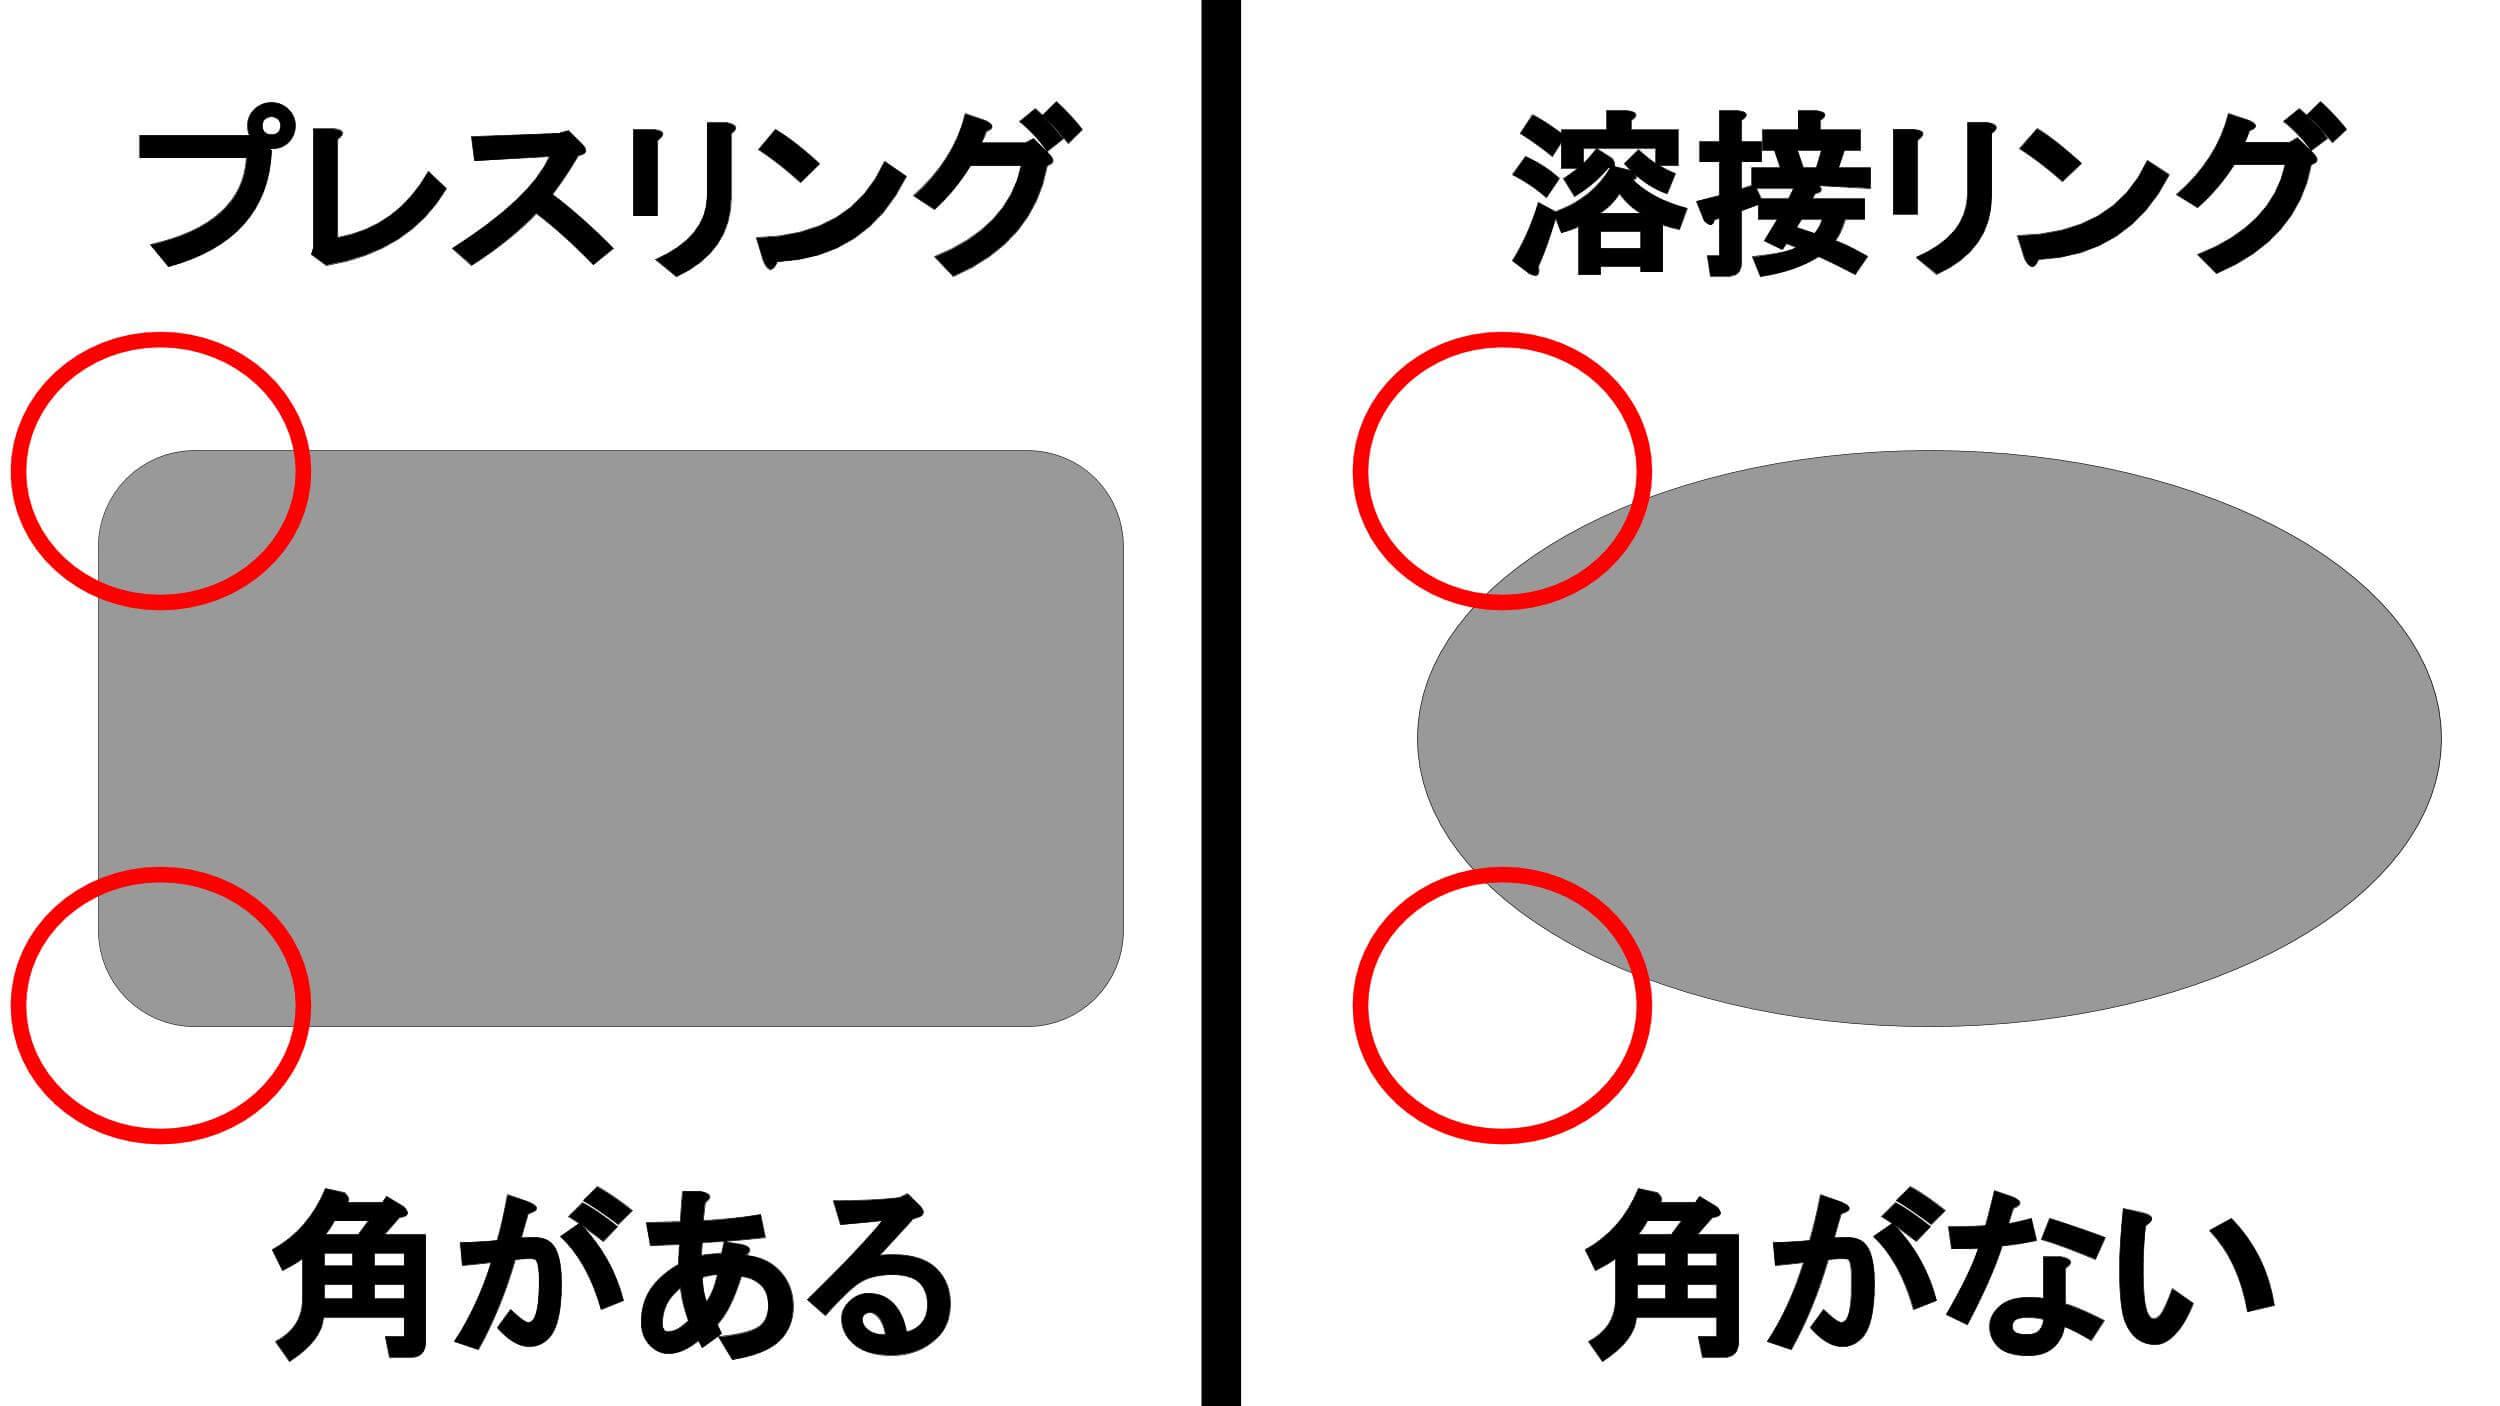 プレスリングと溶接リングの断面図